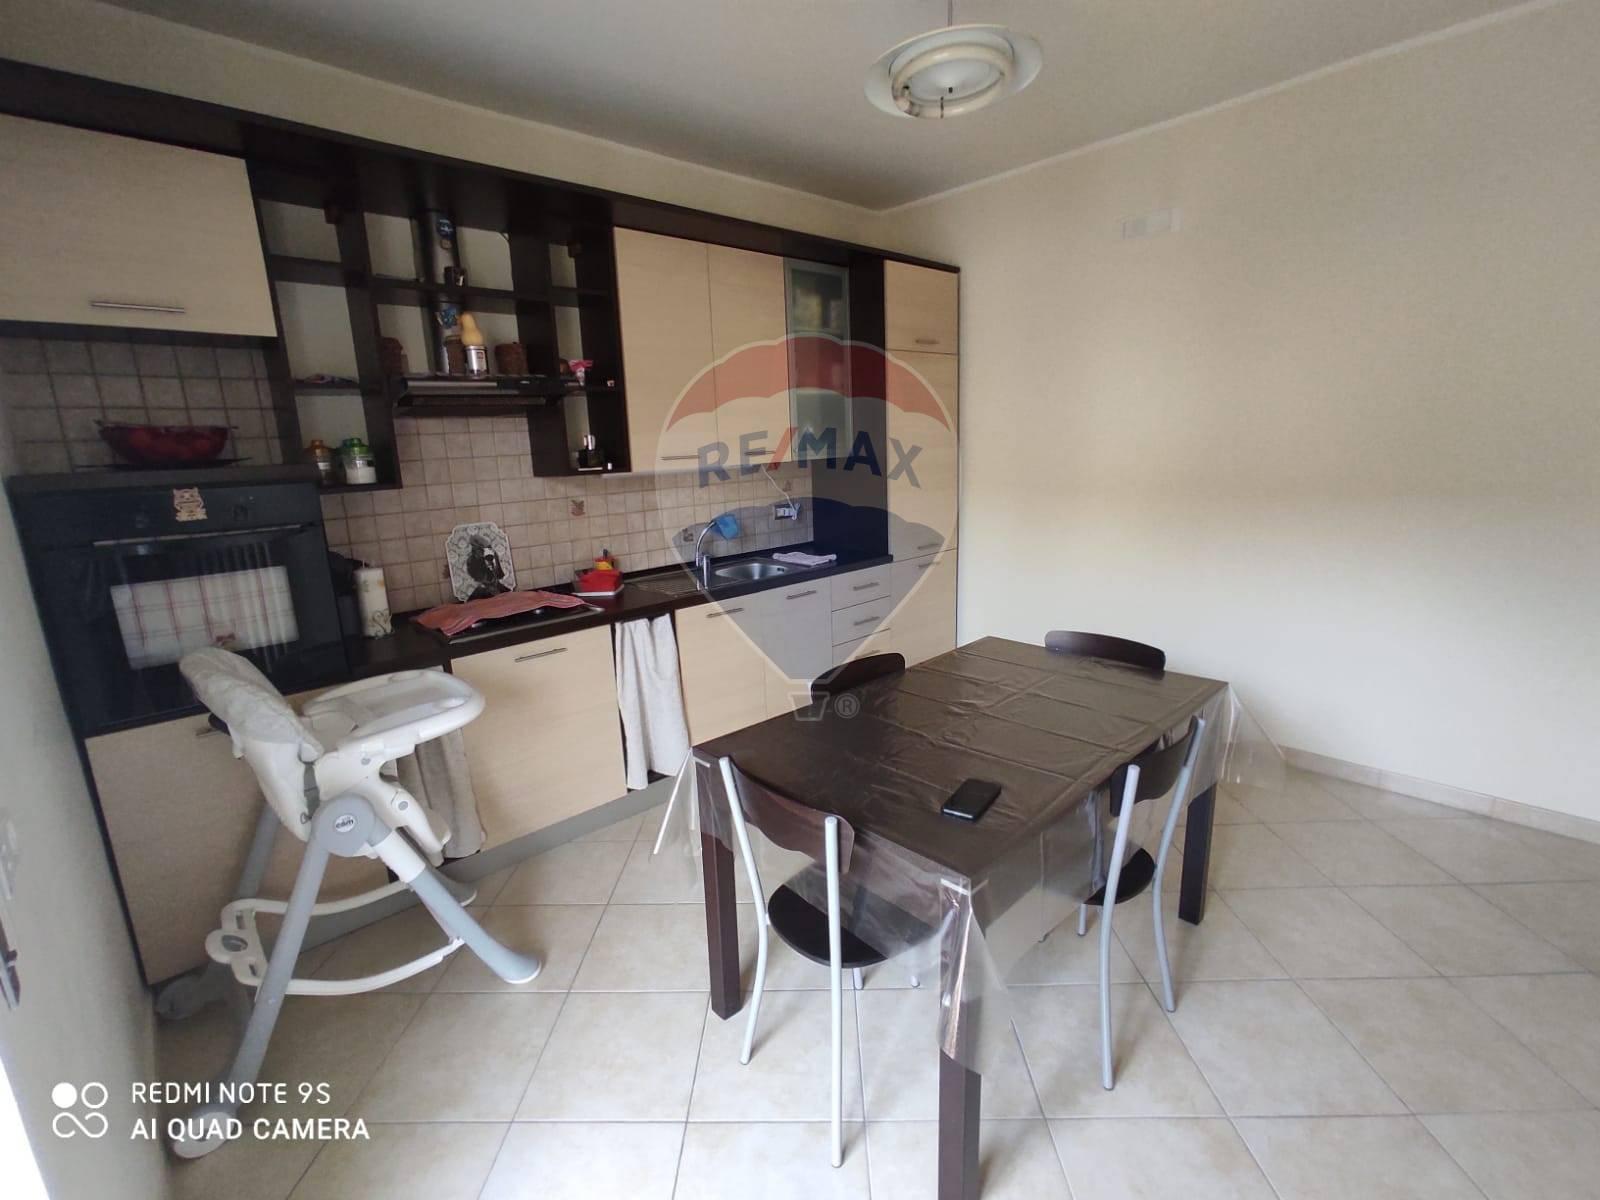 Appartamento in vendita a Chiaramonte Gulfi, 5 locali, prezzo € 65.000 | CambioCasa.it